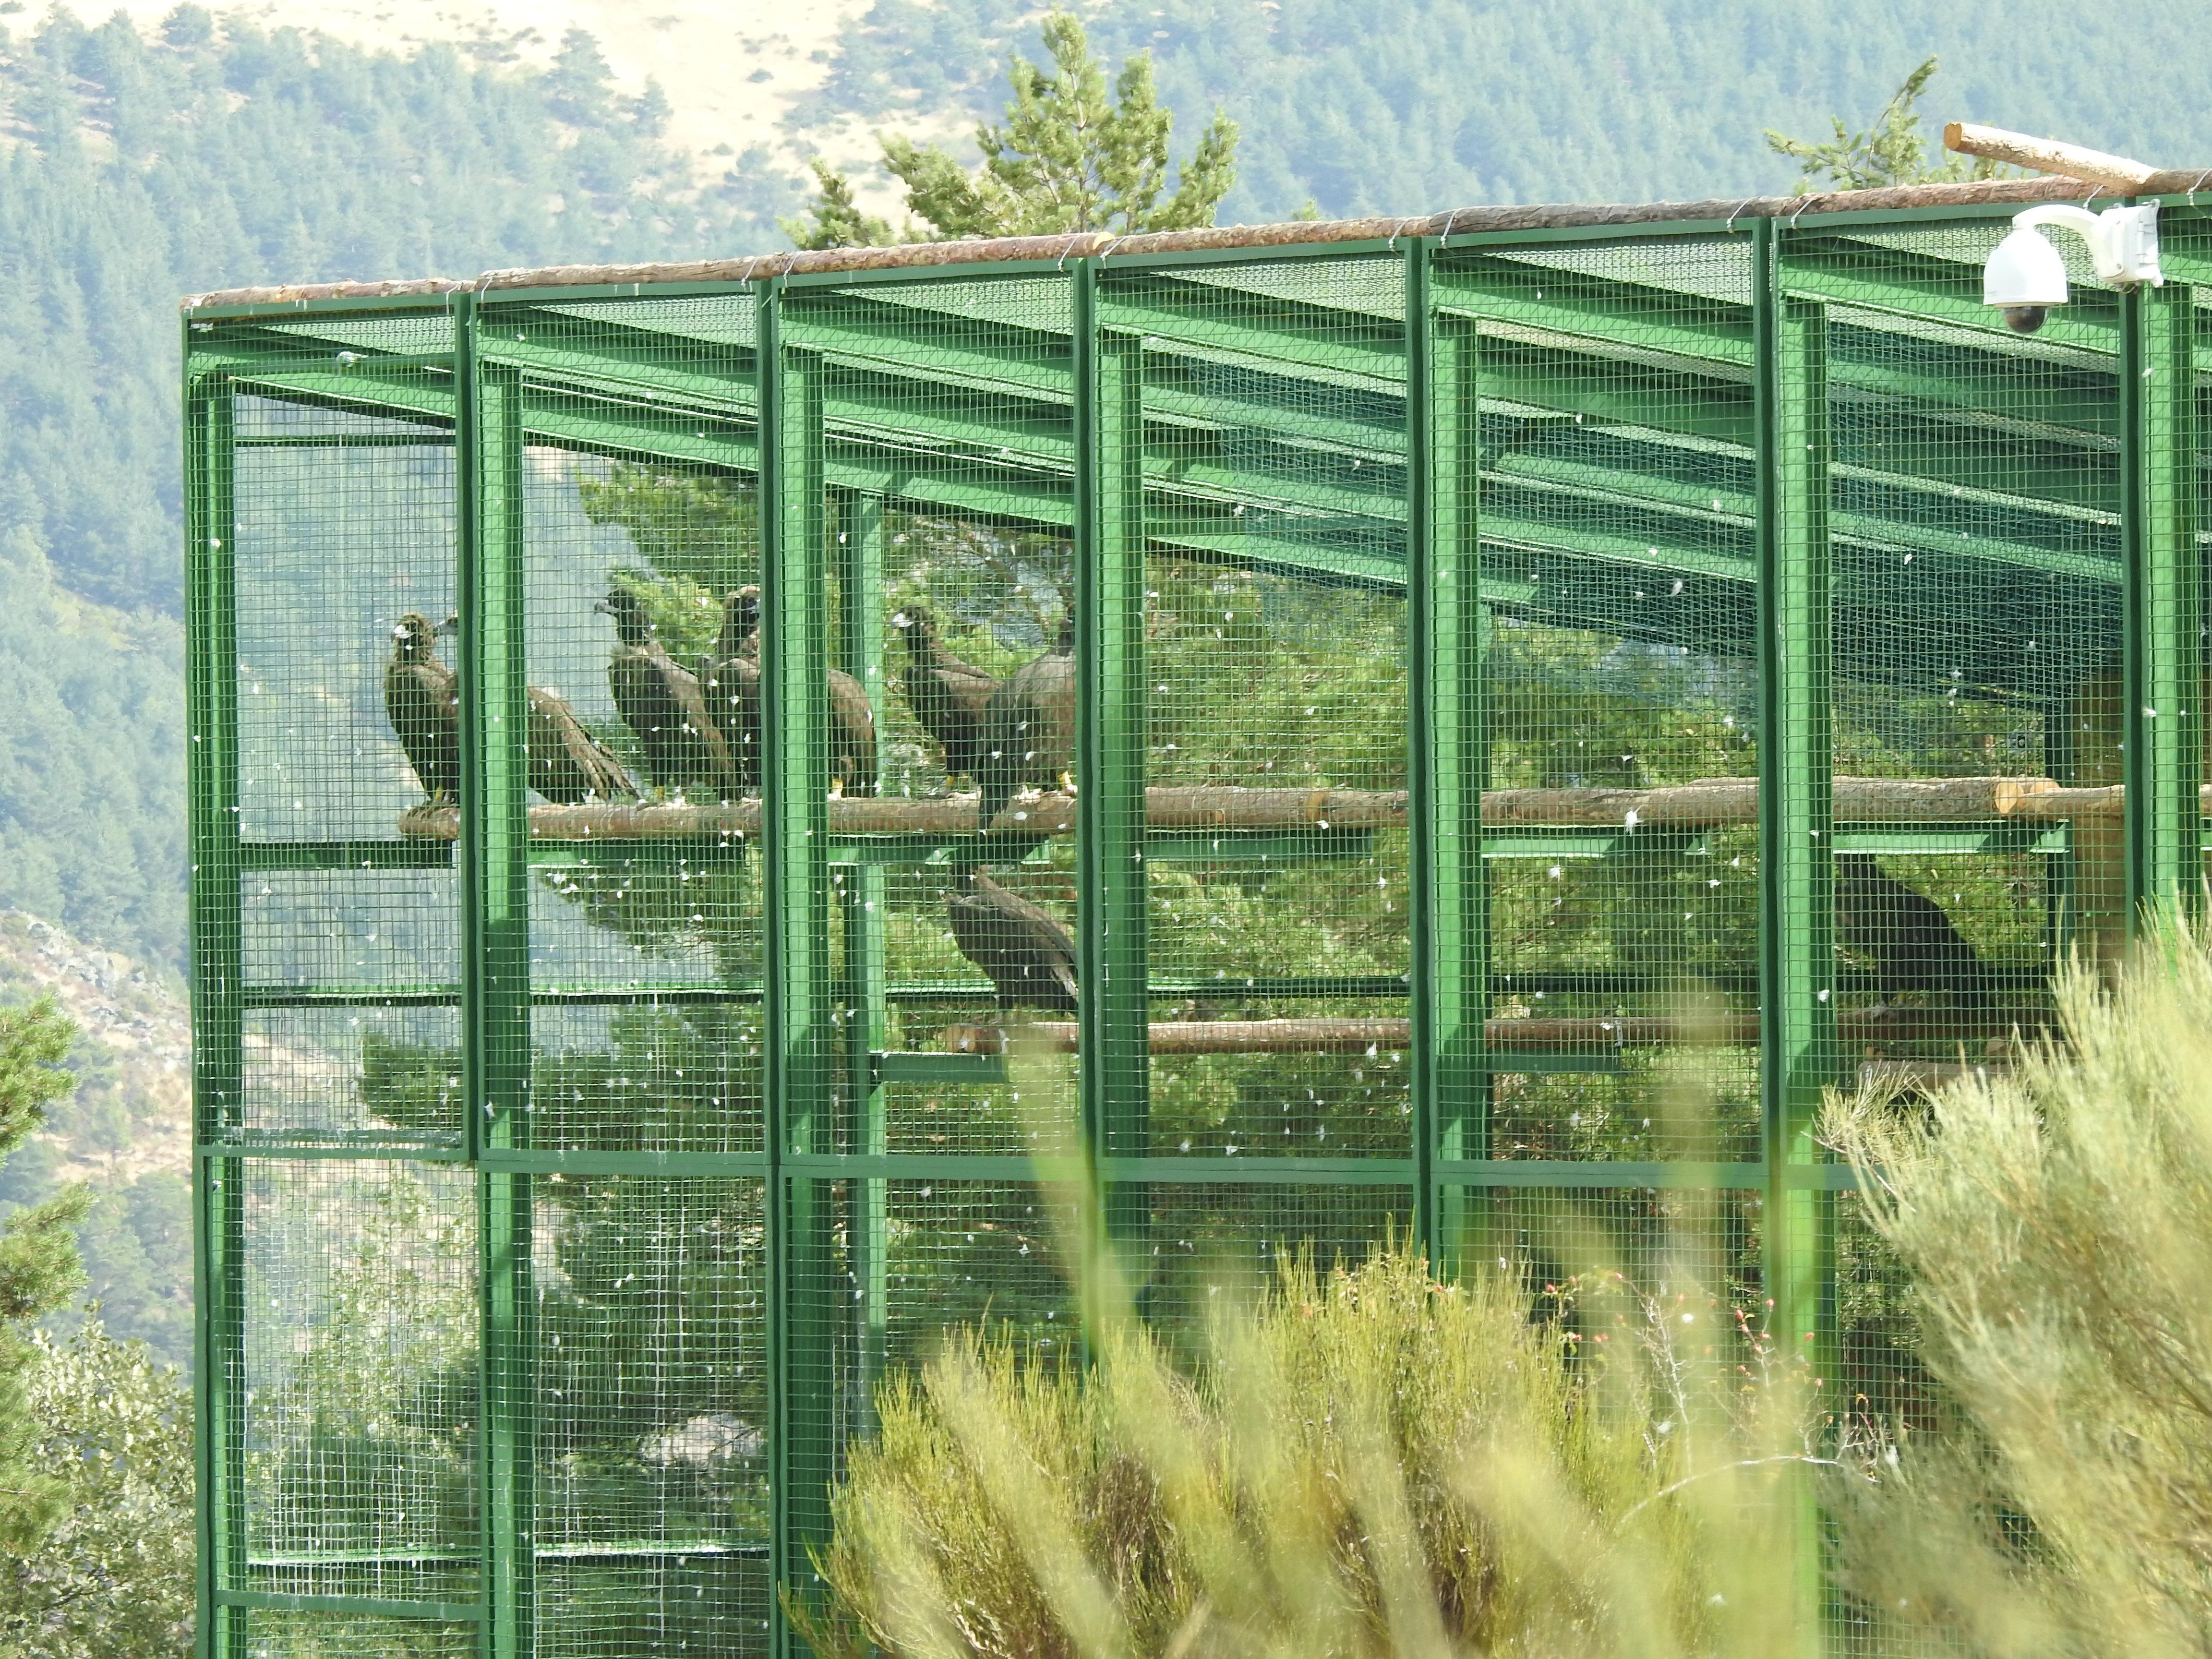 Instalación de aclimatación para los buitres negros que están siendo reintroducidos en la Sierra de la Demanda.